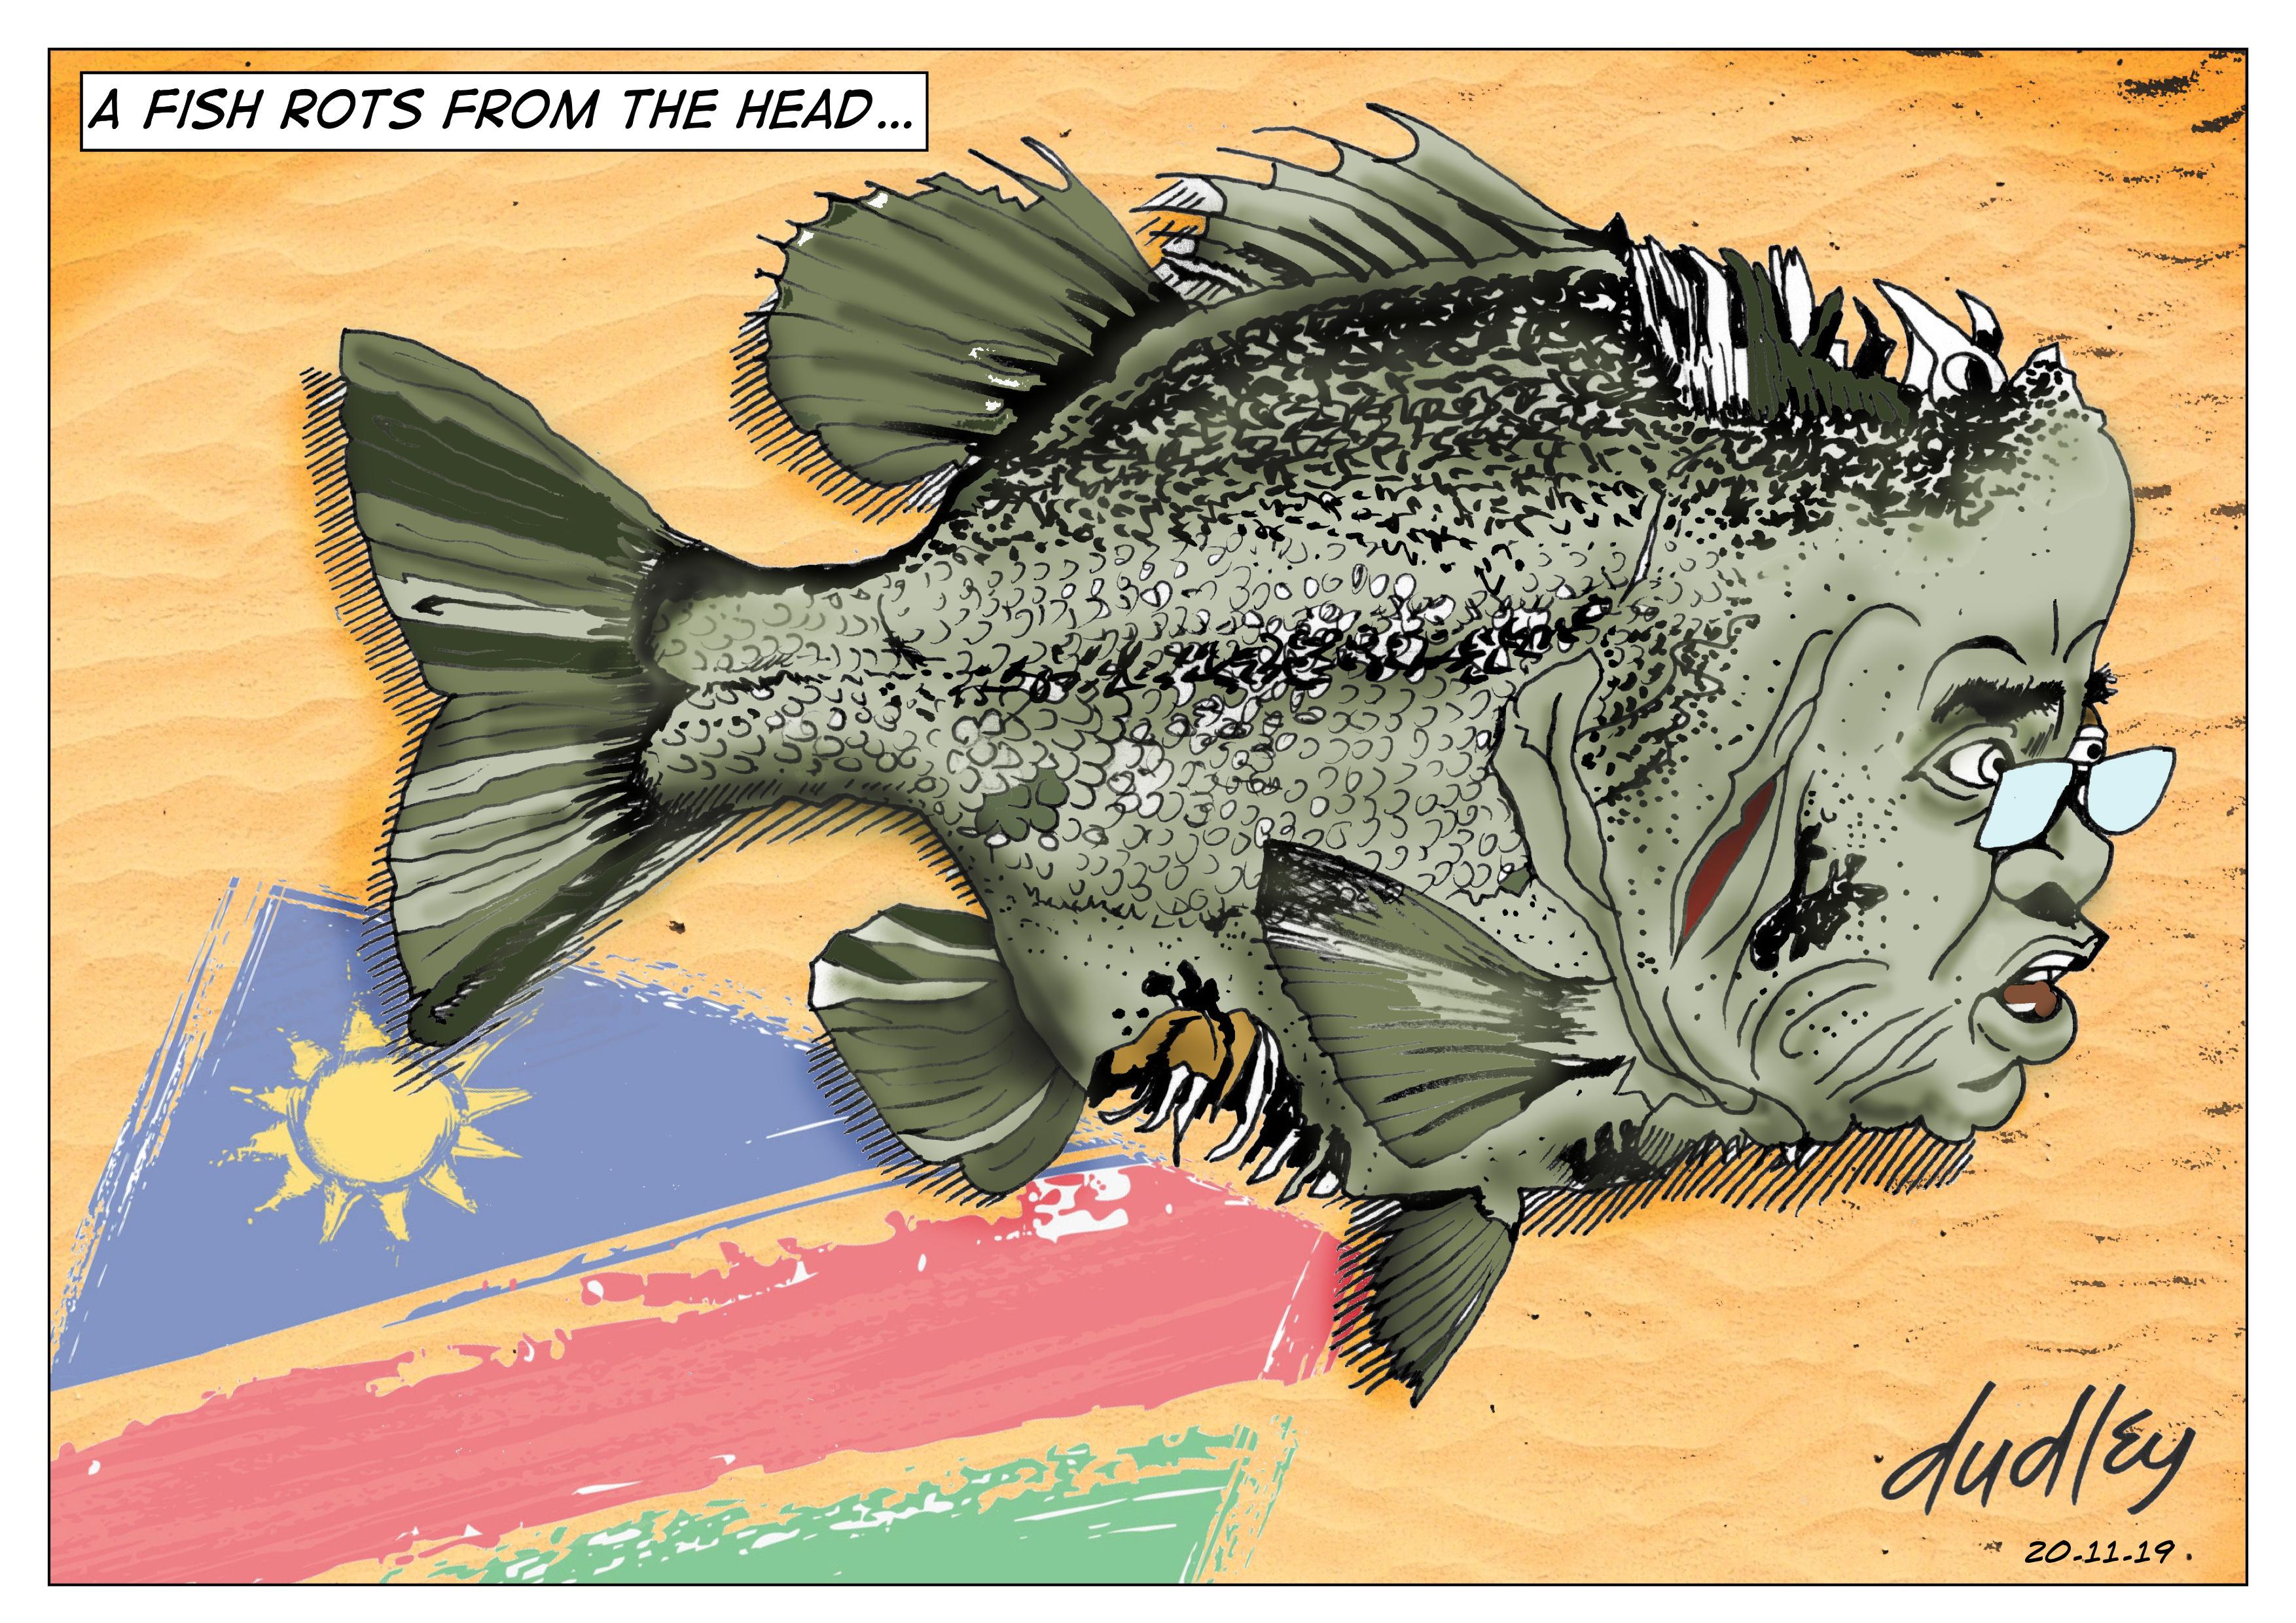 Rotfish